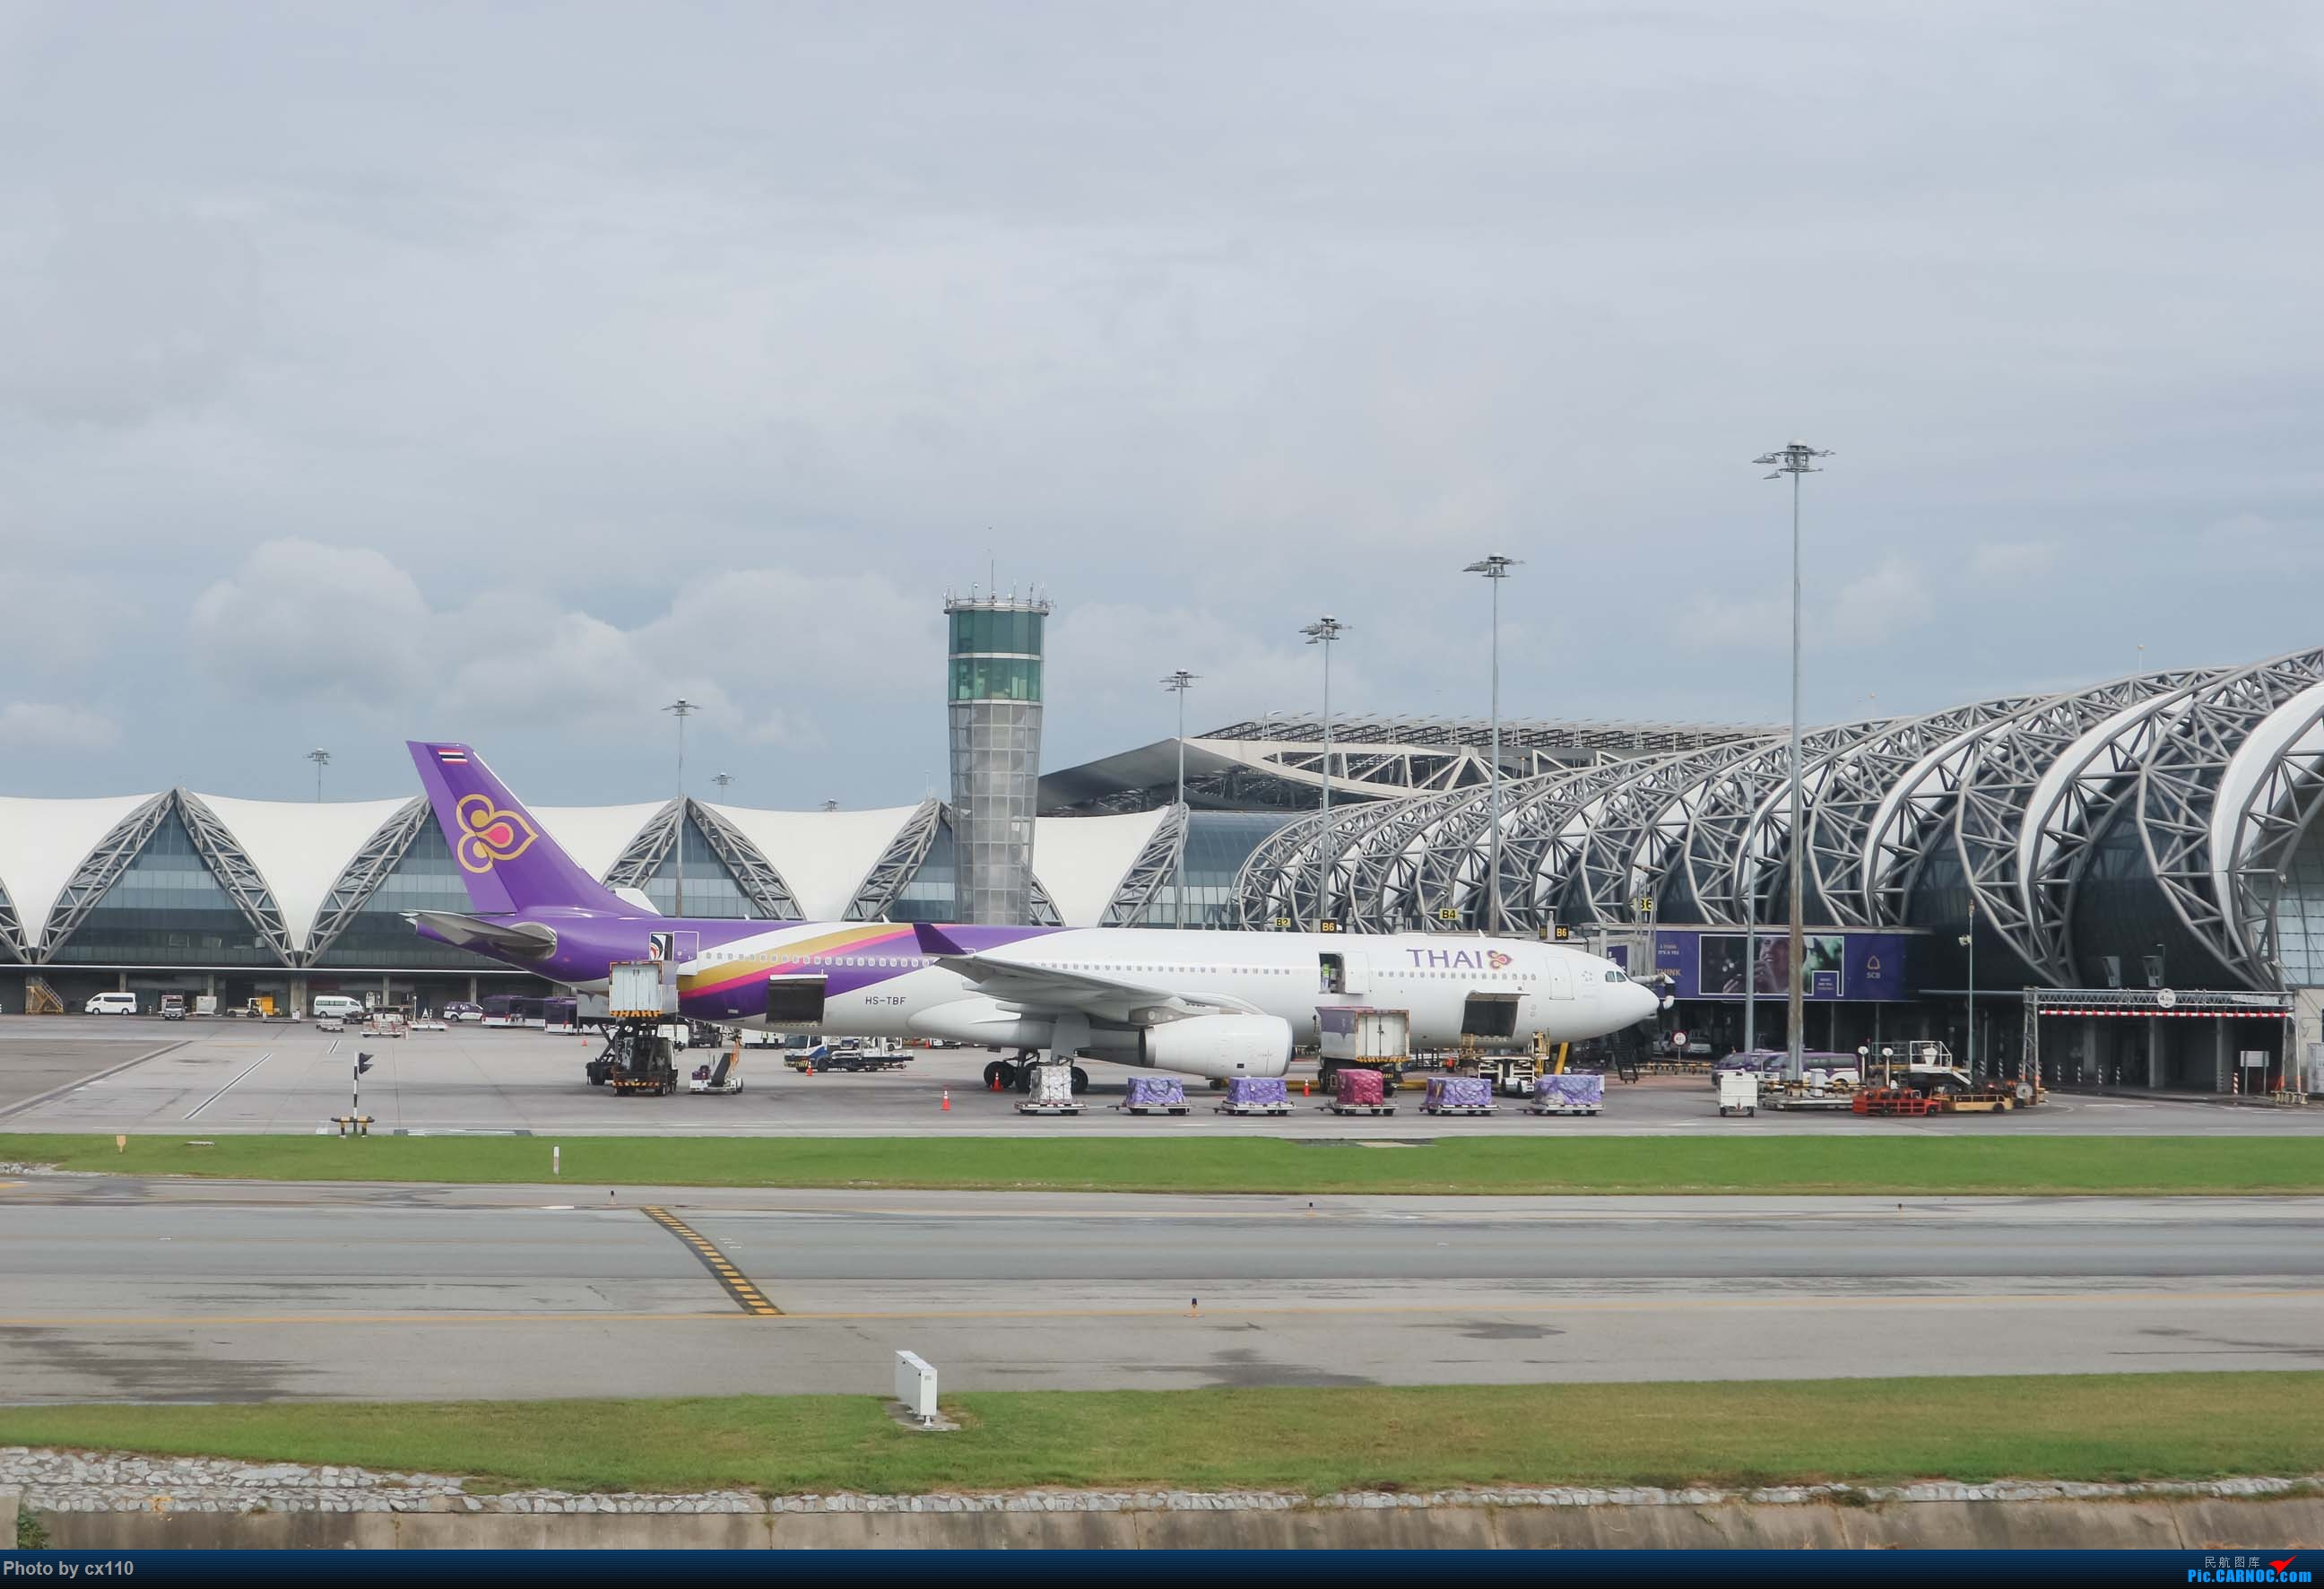 Re:[原创]欧洲机场拍机记-柏林/赫尔辛基/布拉格 AIRBUS A330-300 HS-TBF 泰国曼谷素万那普国际机场